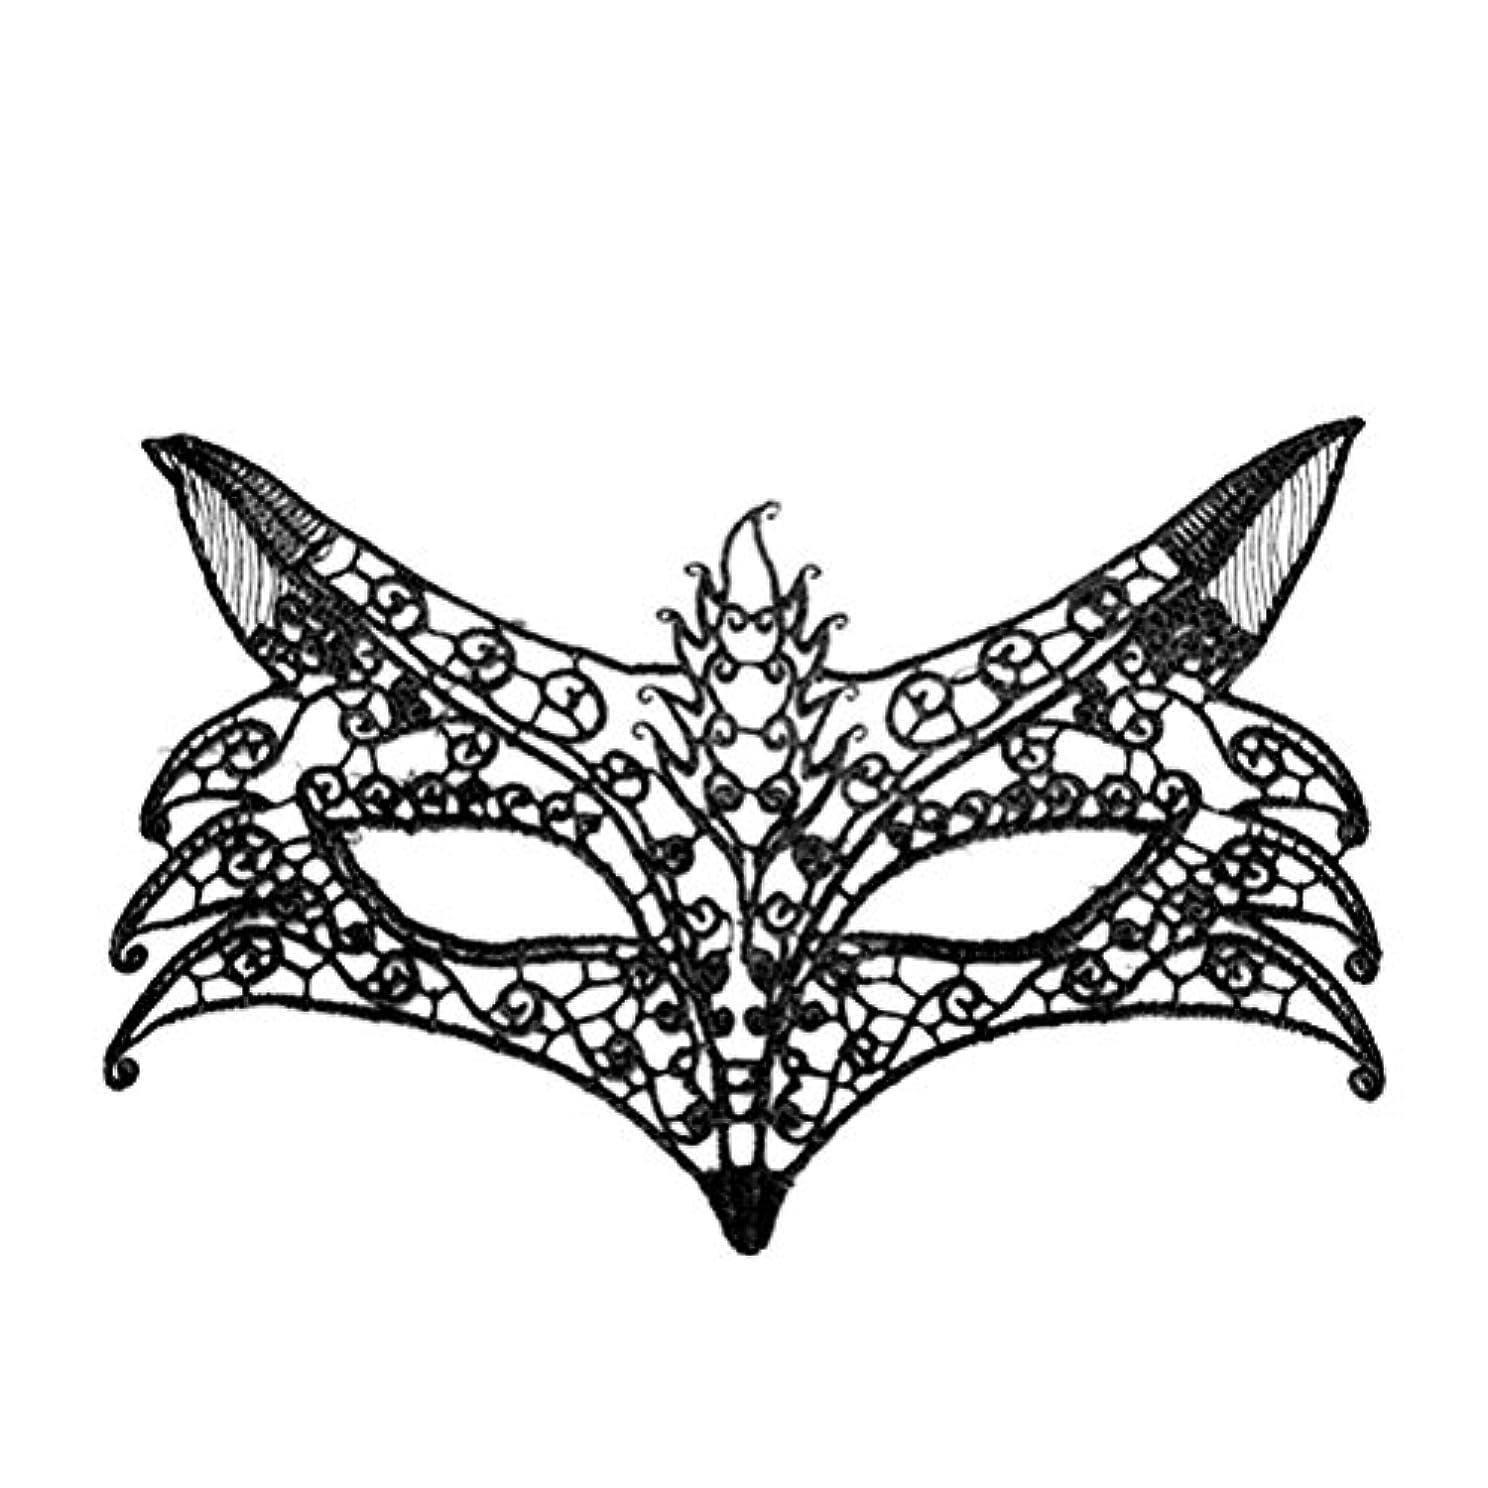 創傷アイスクリームクモAMOSFUN キツネの形をしたレースパーティーマスクイブニングパーティーウエディングマスカレードマスク(ブラック)